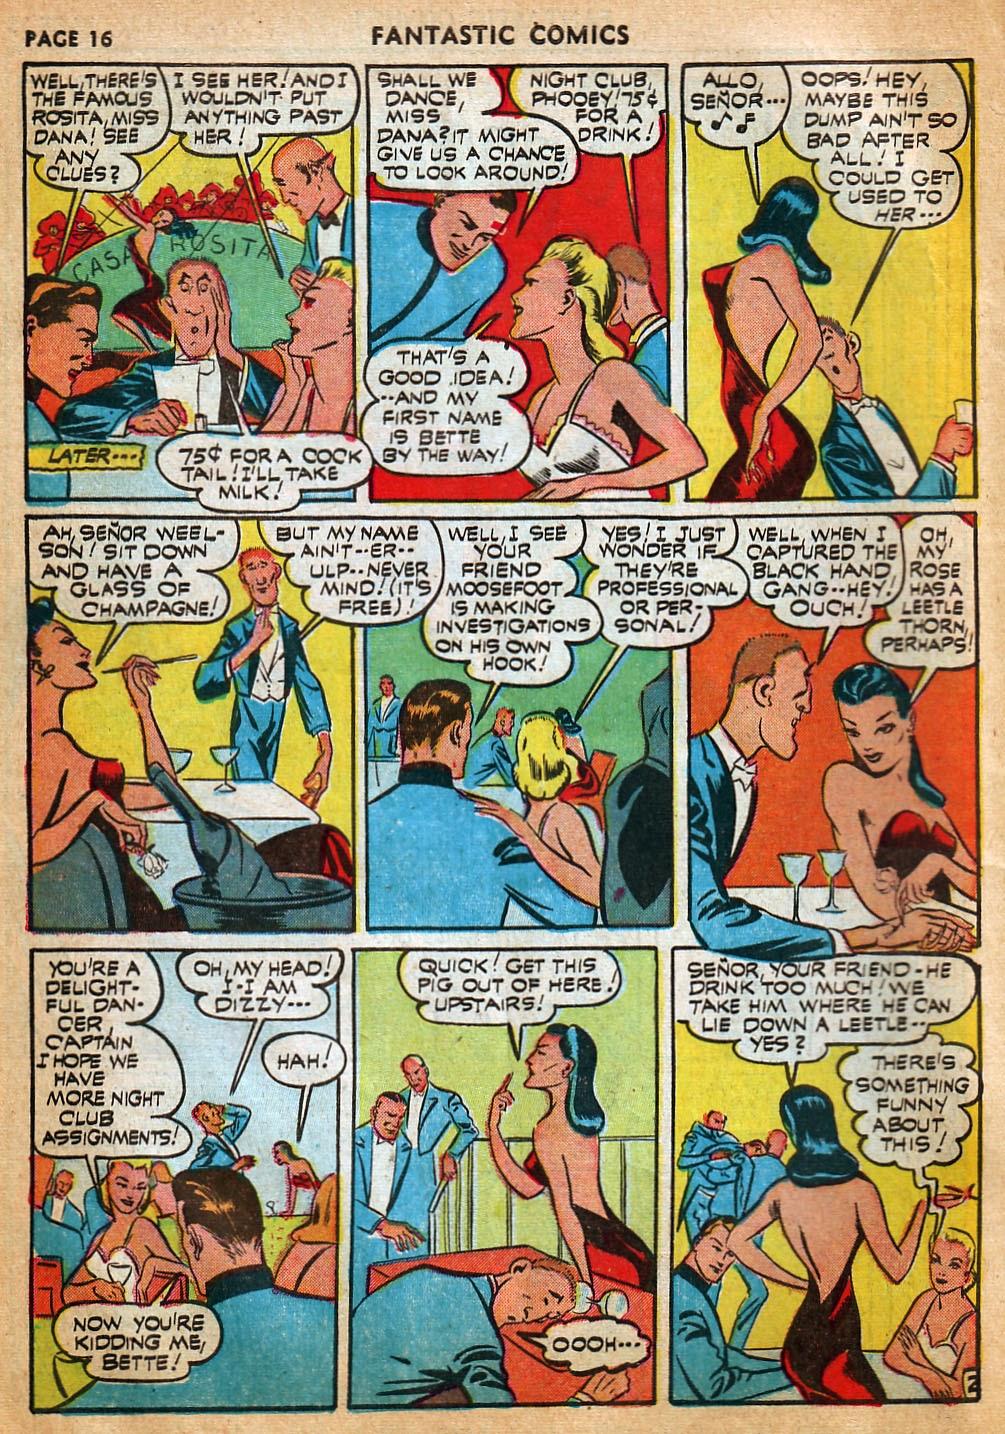 Read online Fantastic Comics comic -  Issue #22 - 18